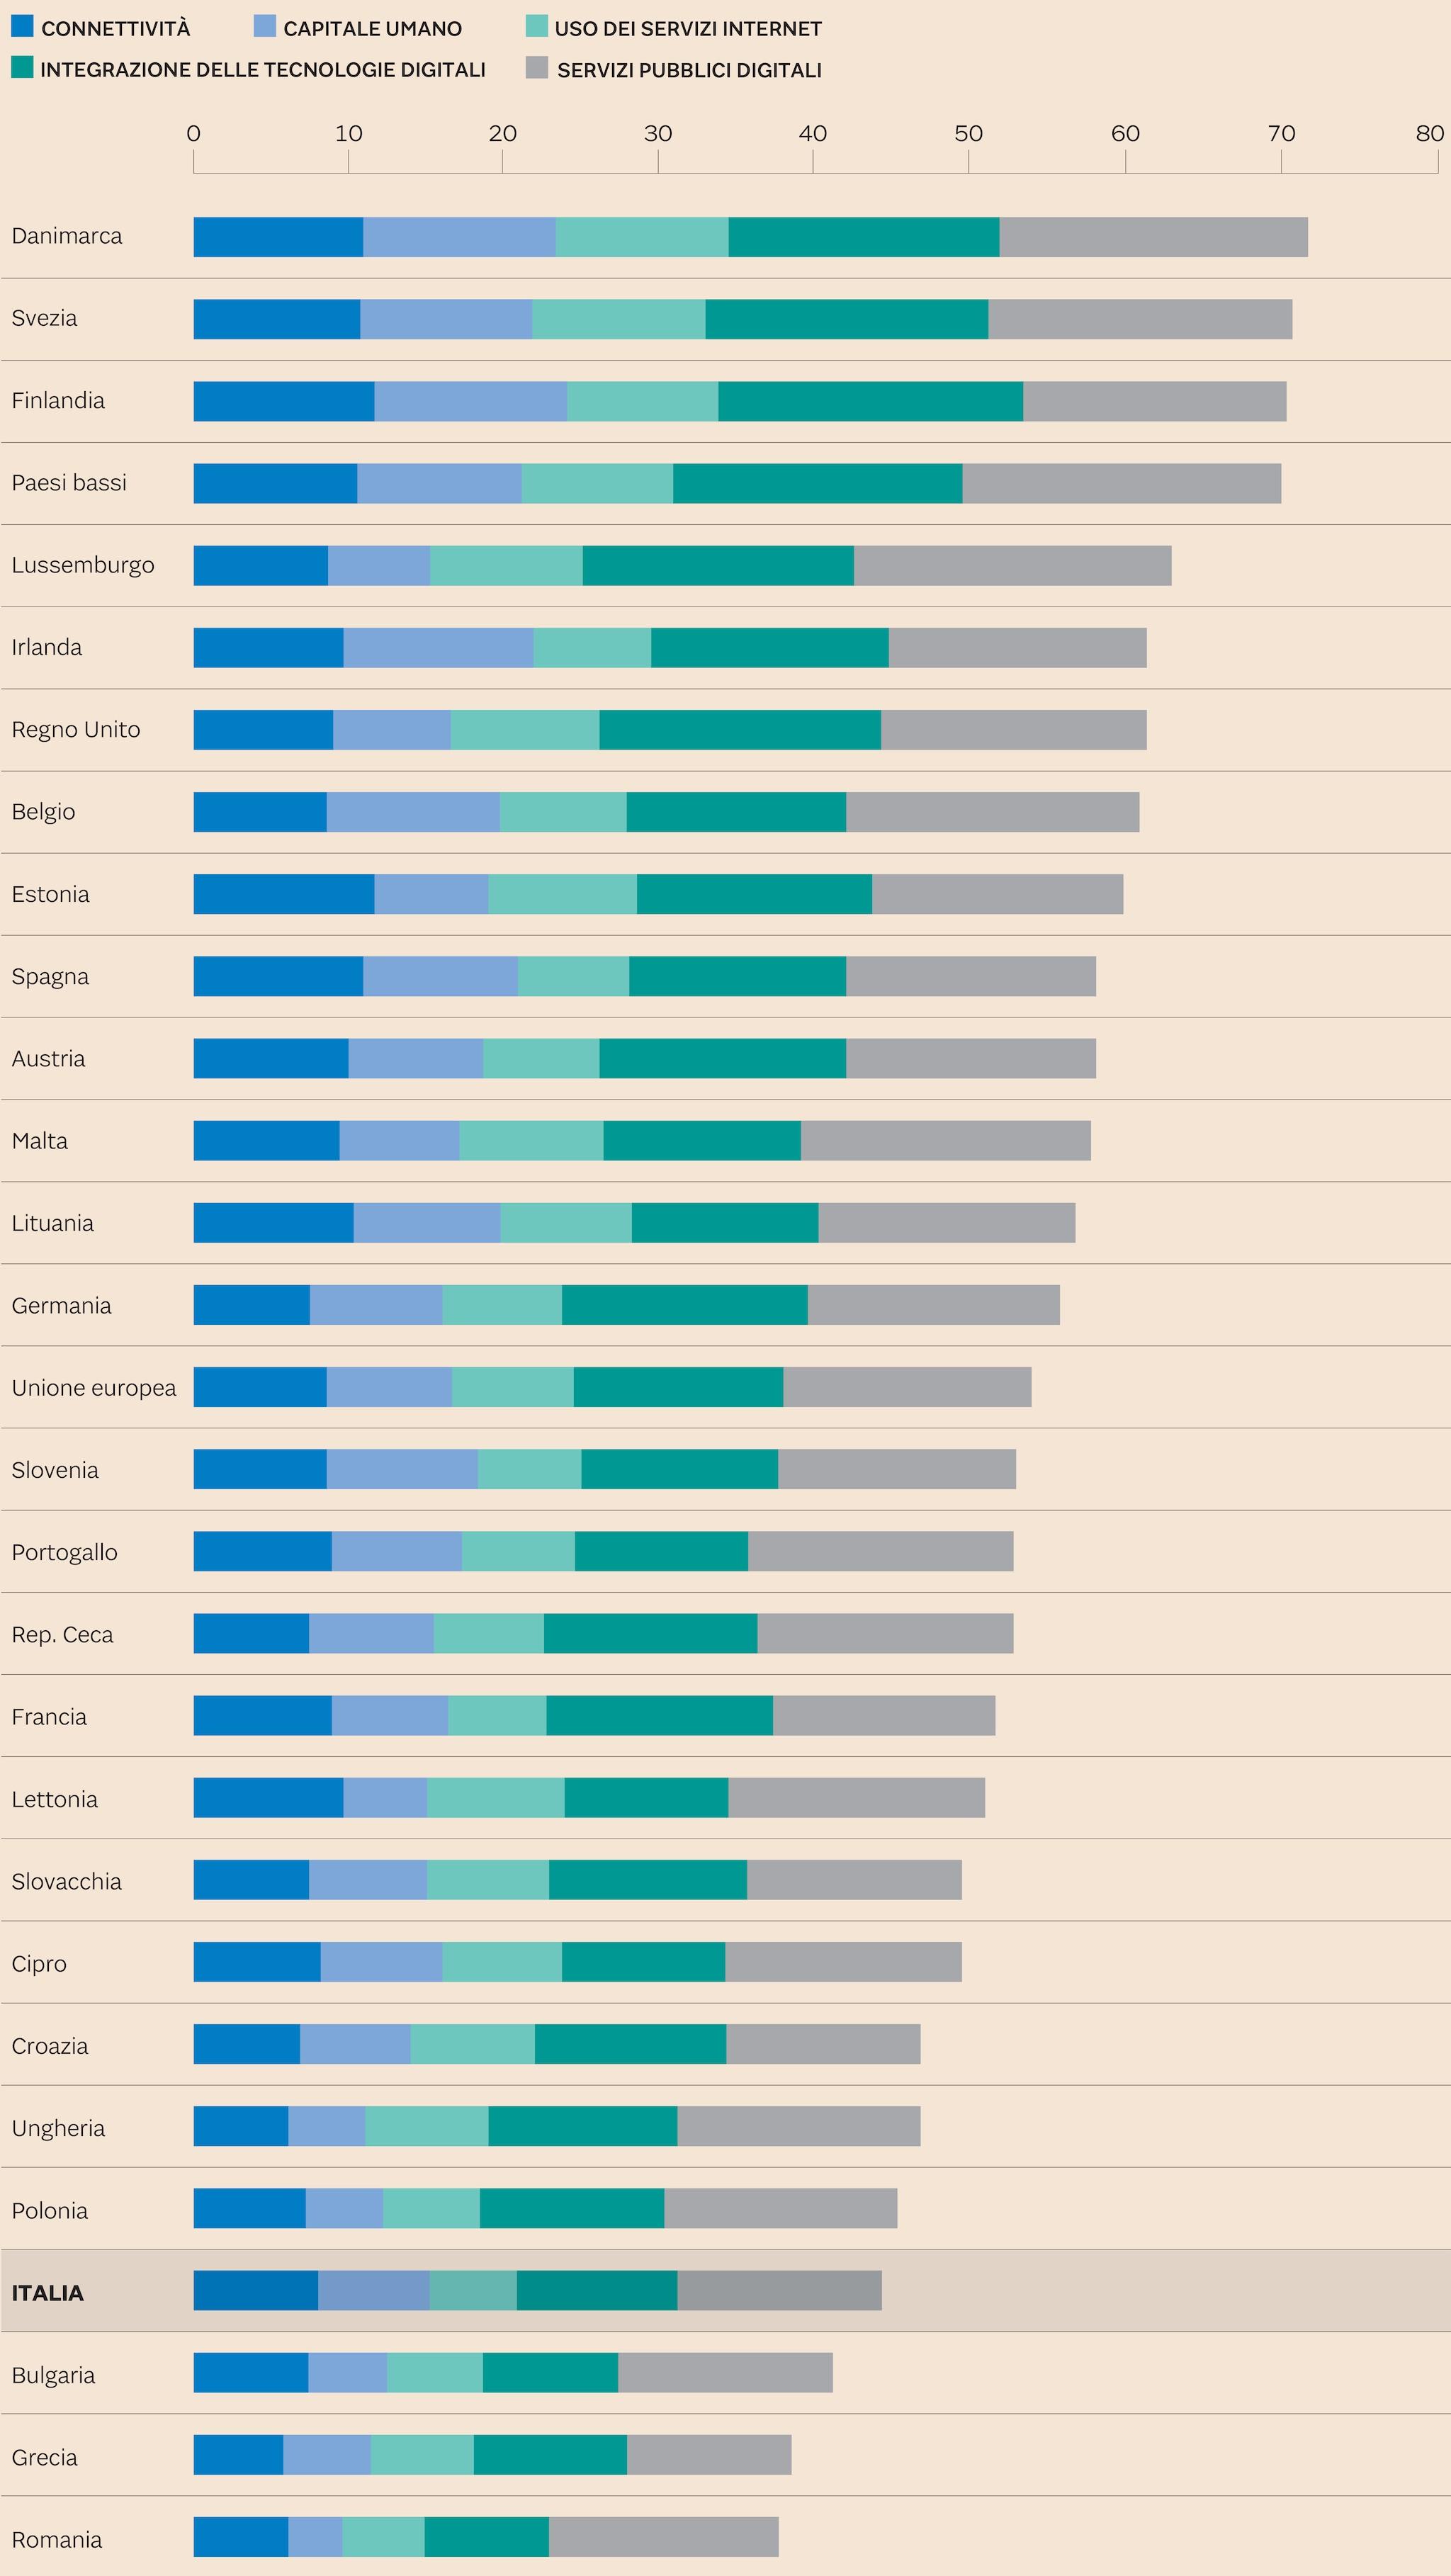 ITALIA QUART'ULTIMA IN EUROPA PER DIGITALIZZAZIONE